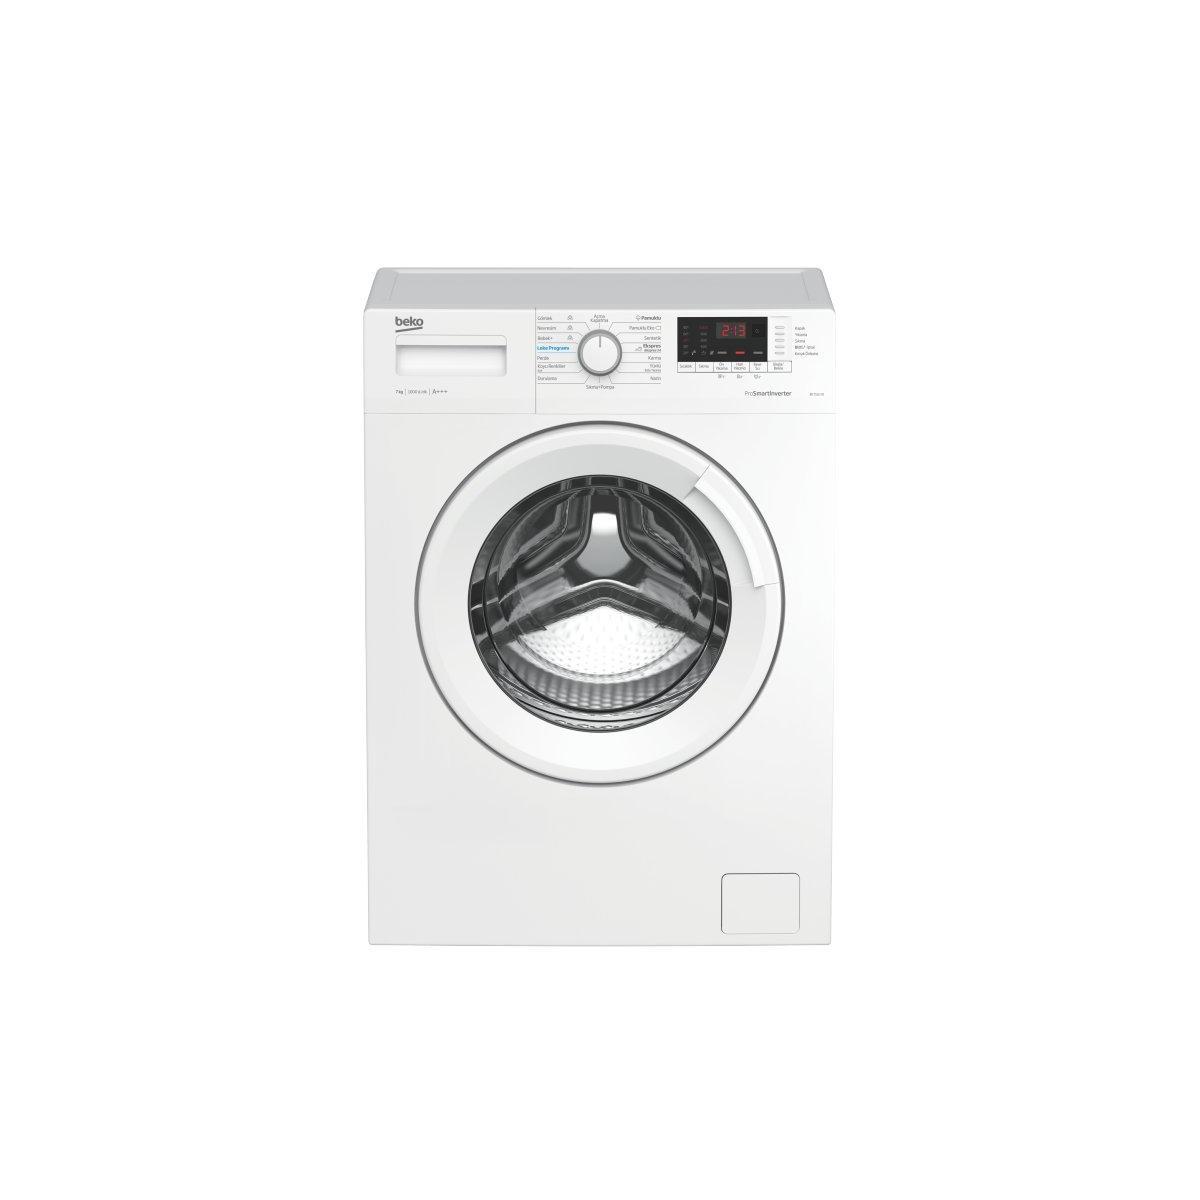 geçmişten günümüze çamaşır makinesi sıralaması